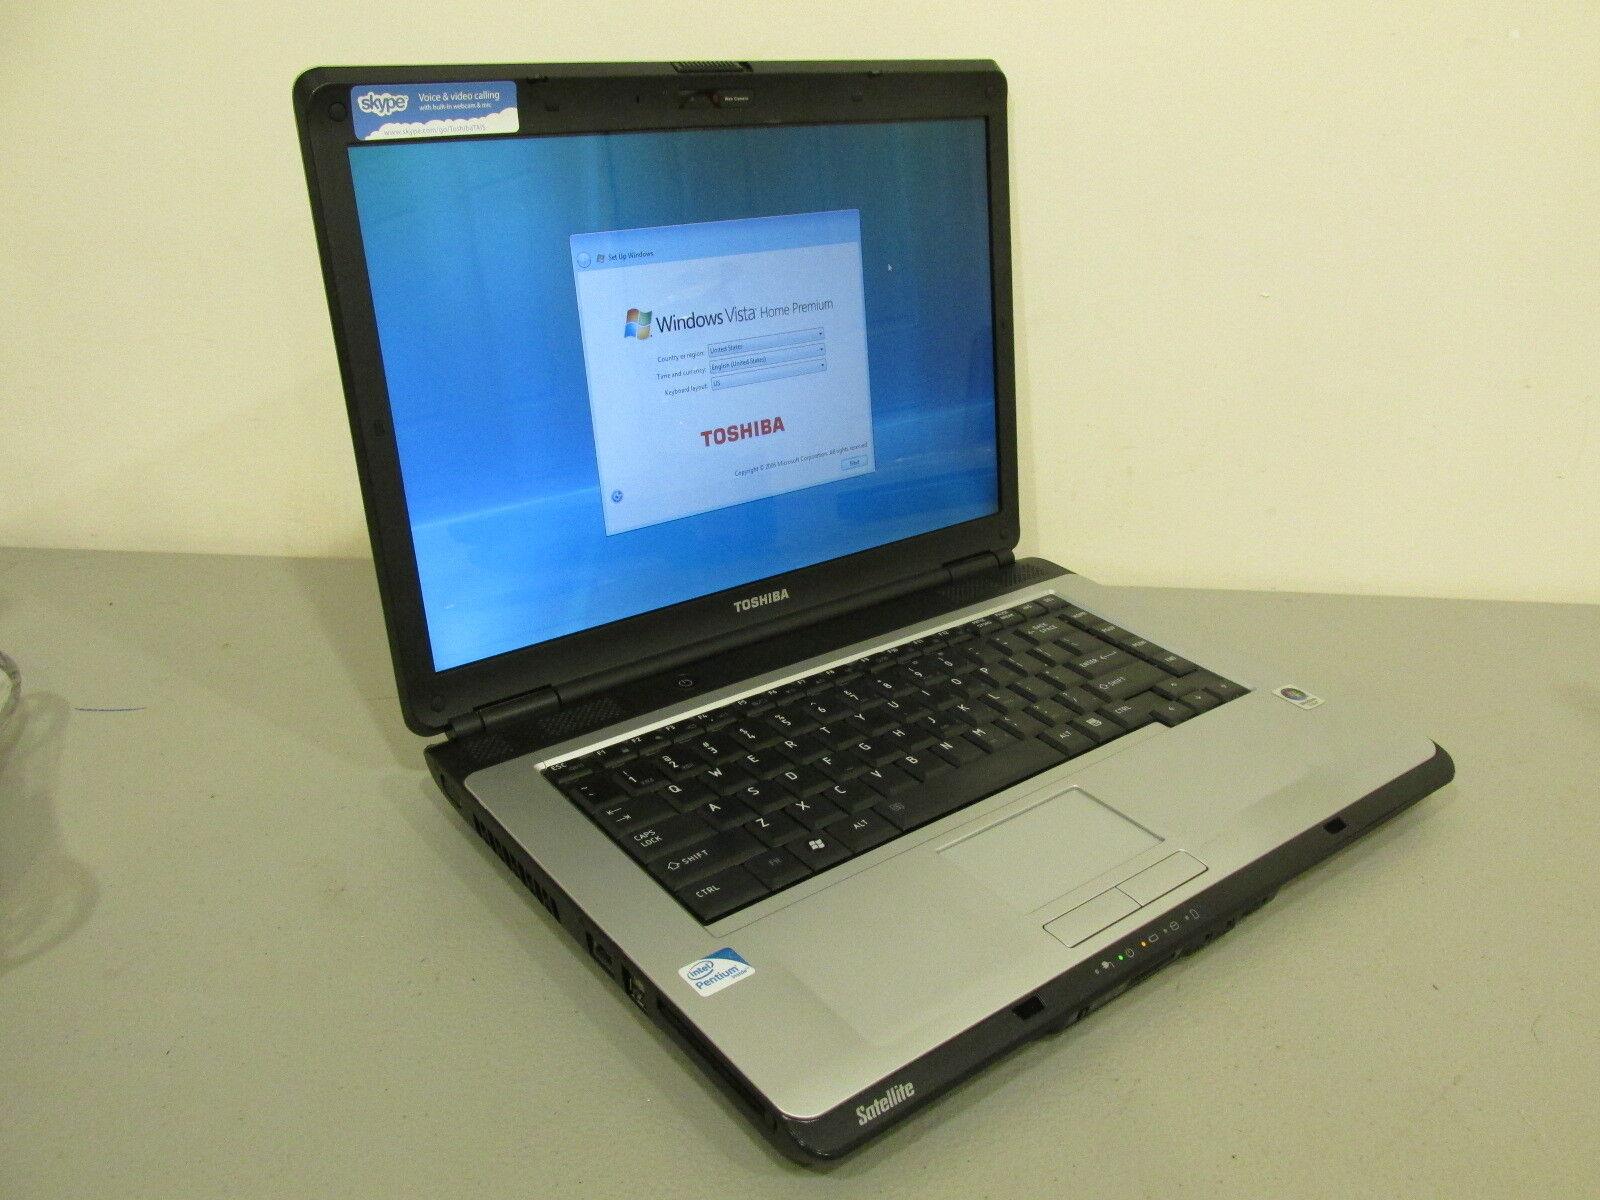 Toshiba Satellite - (L305-S5968) - Laptop - Windows Vista - For Parts or Repair